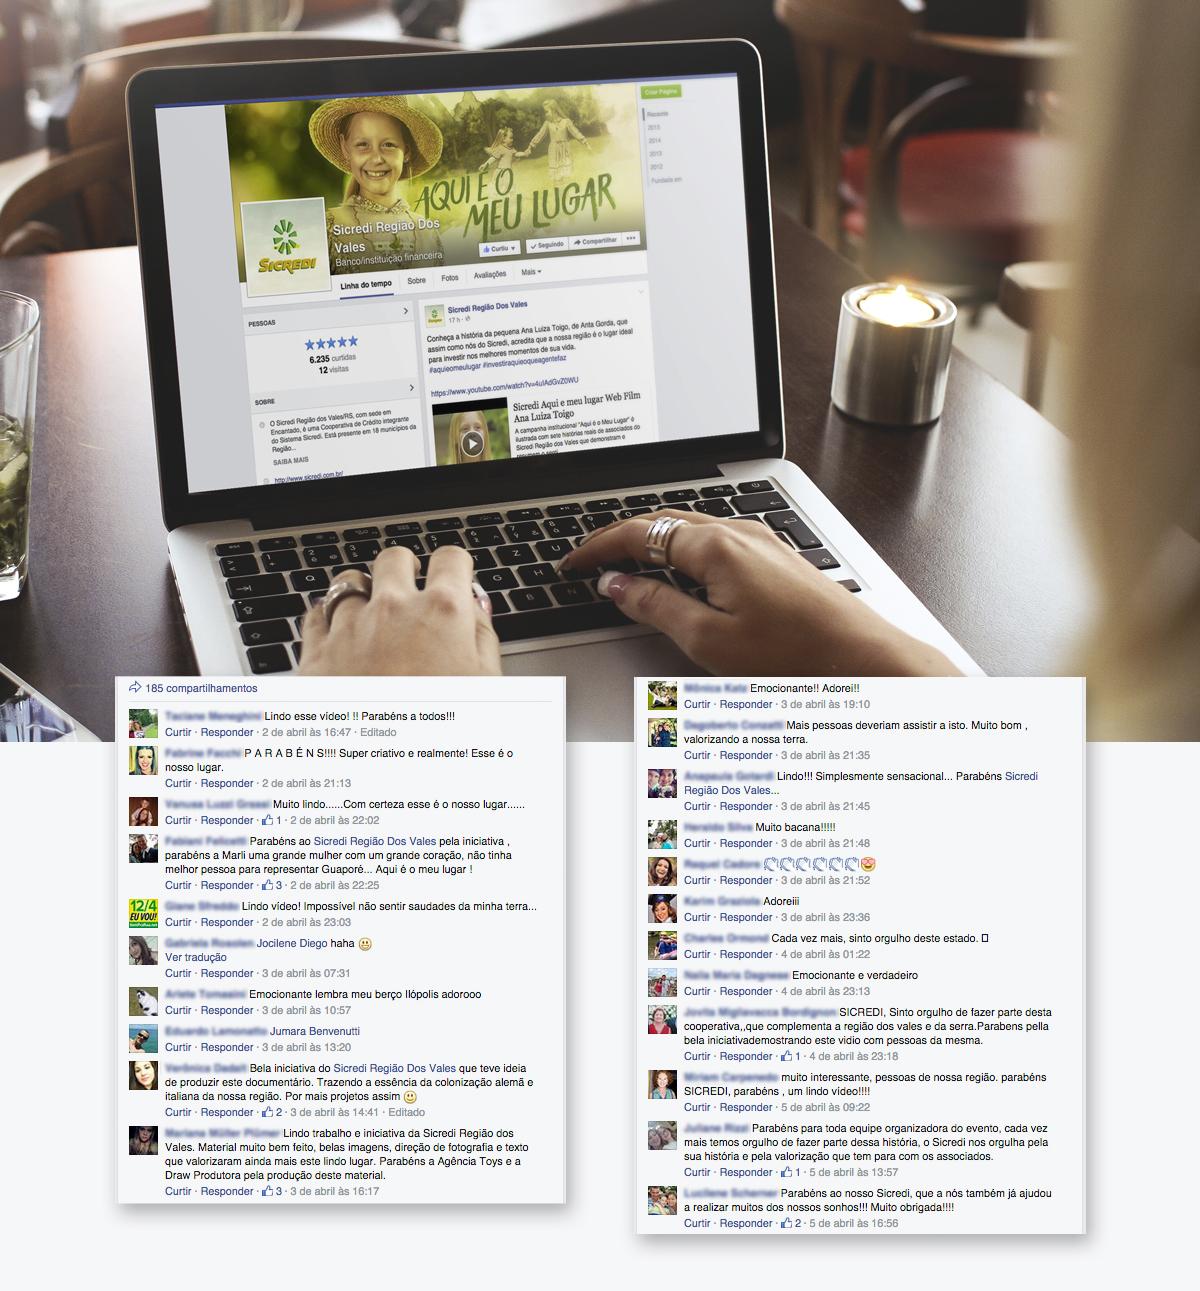 toyz redes sociais sicredi agencia toyz campanha publicidade comentarios rs